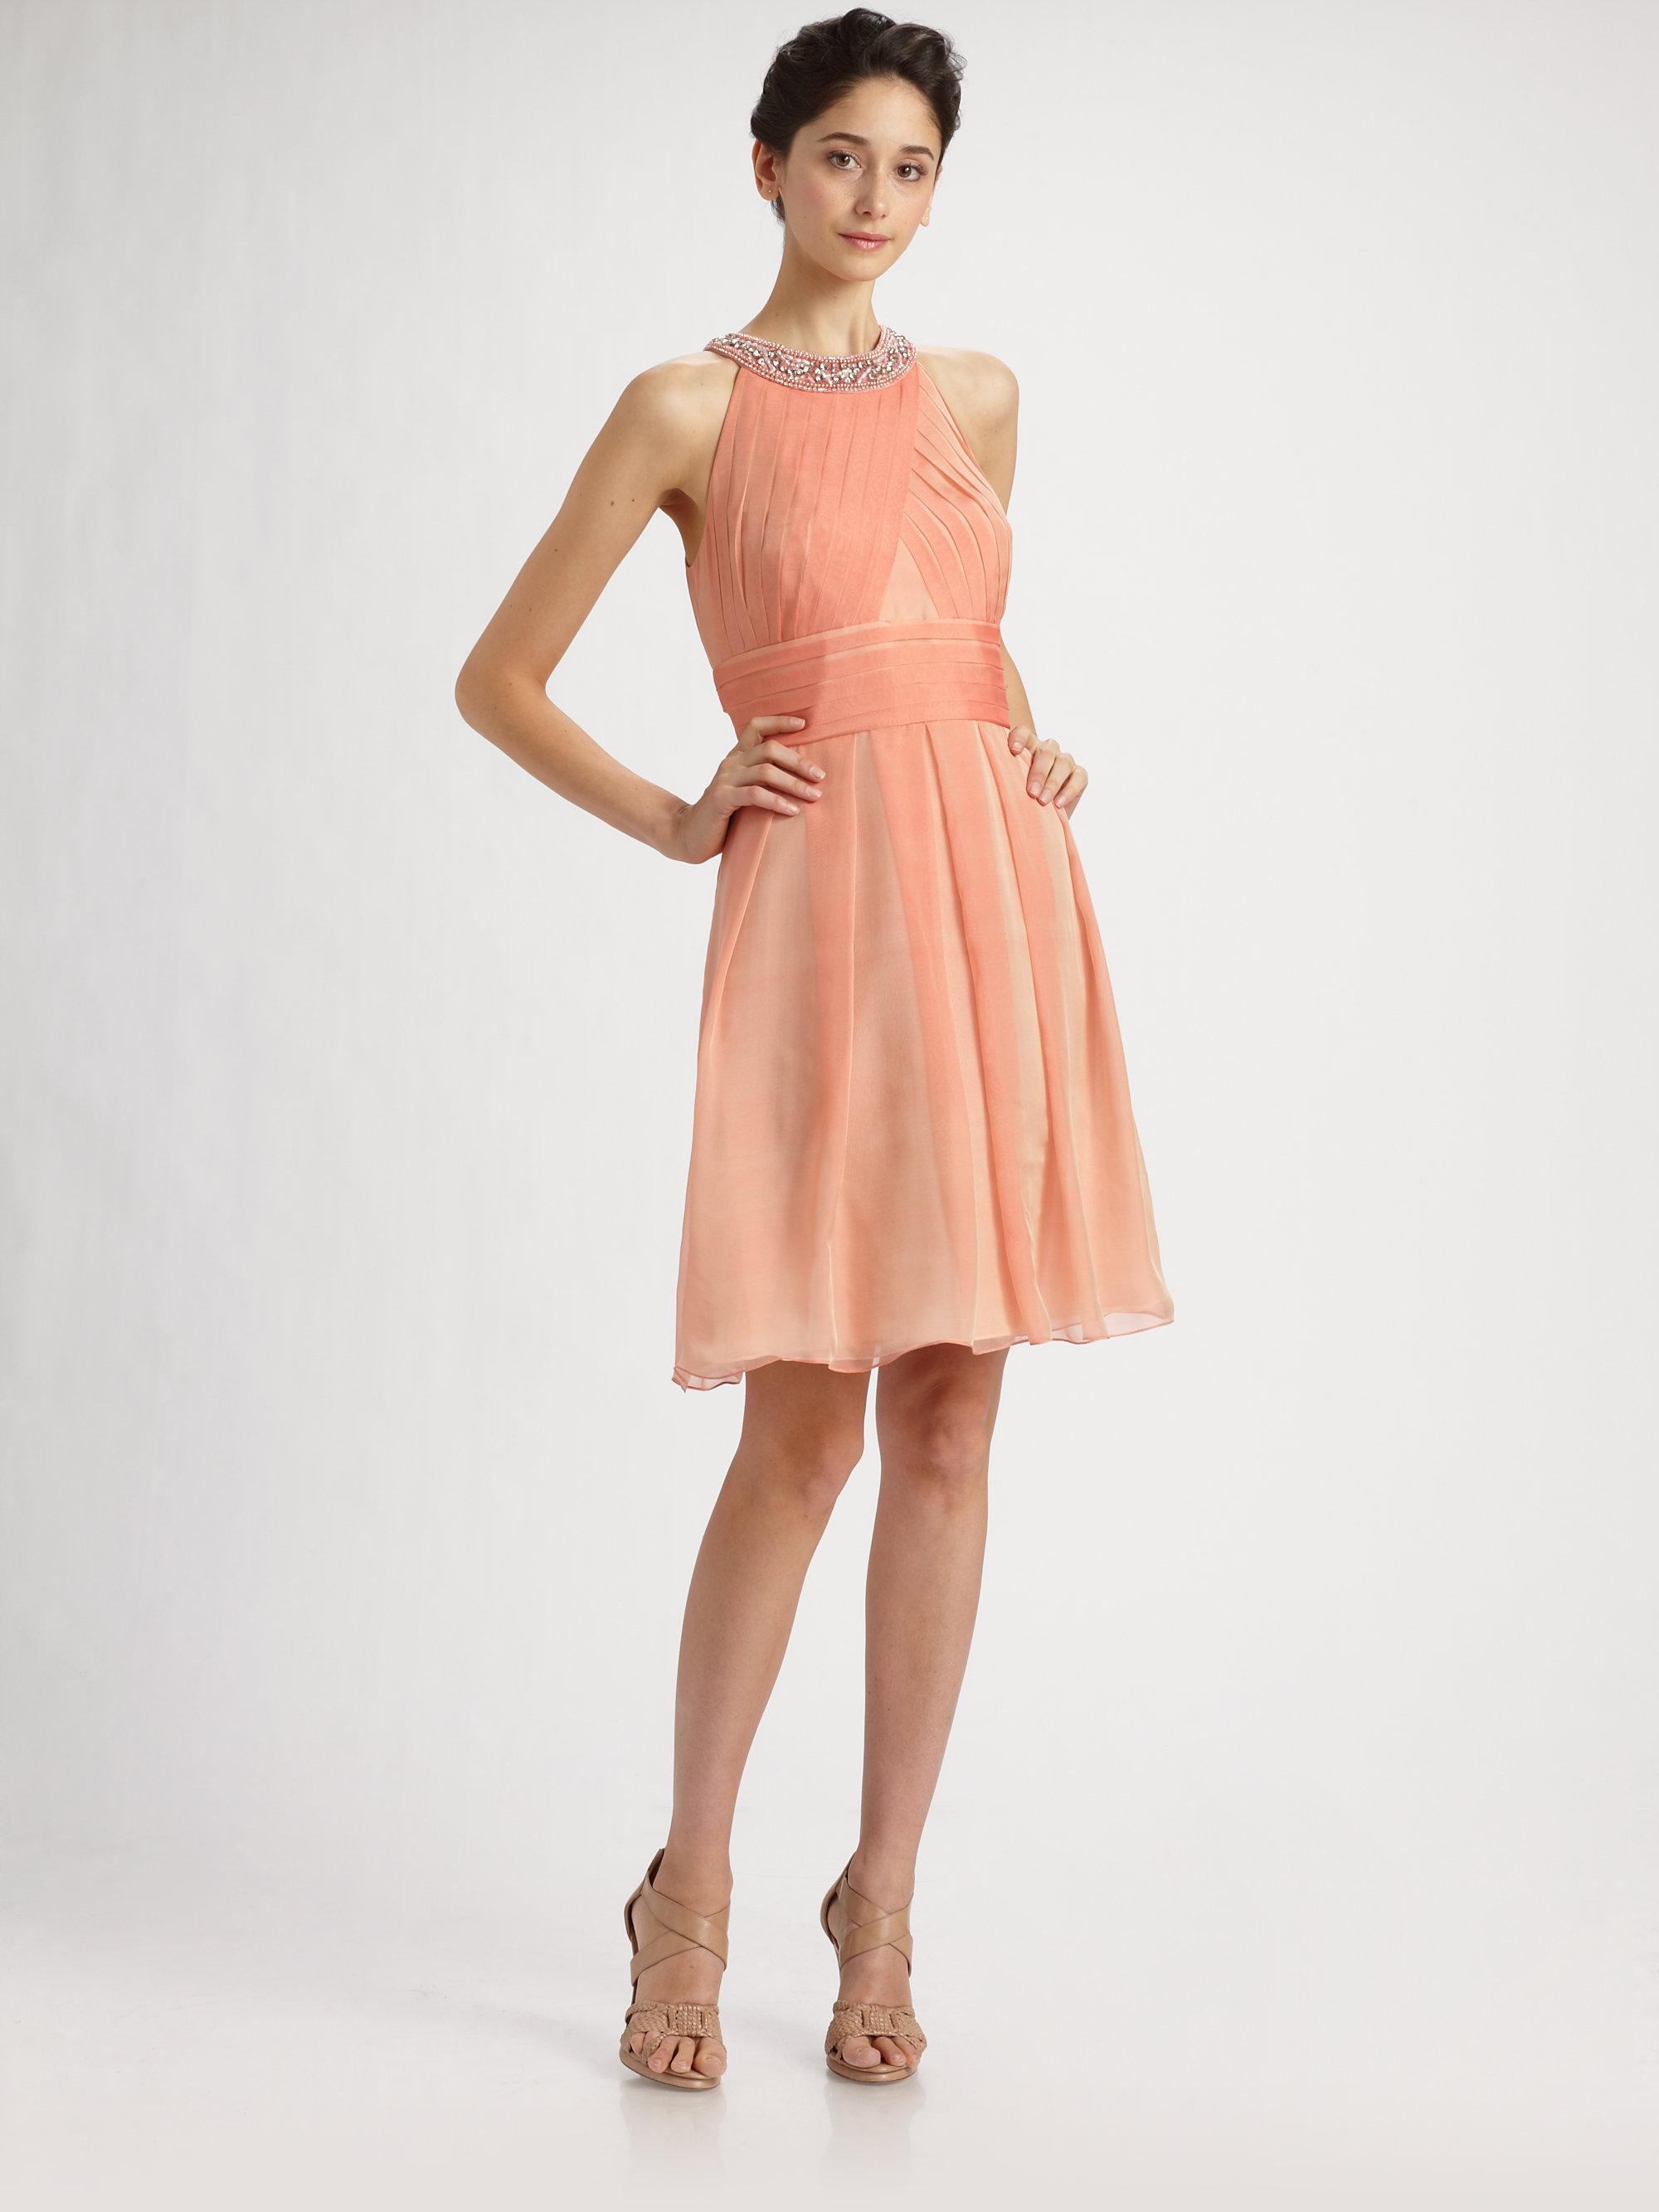 Peach Cocktail Dress - Dress Xy